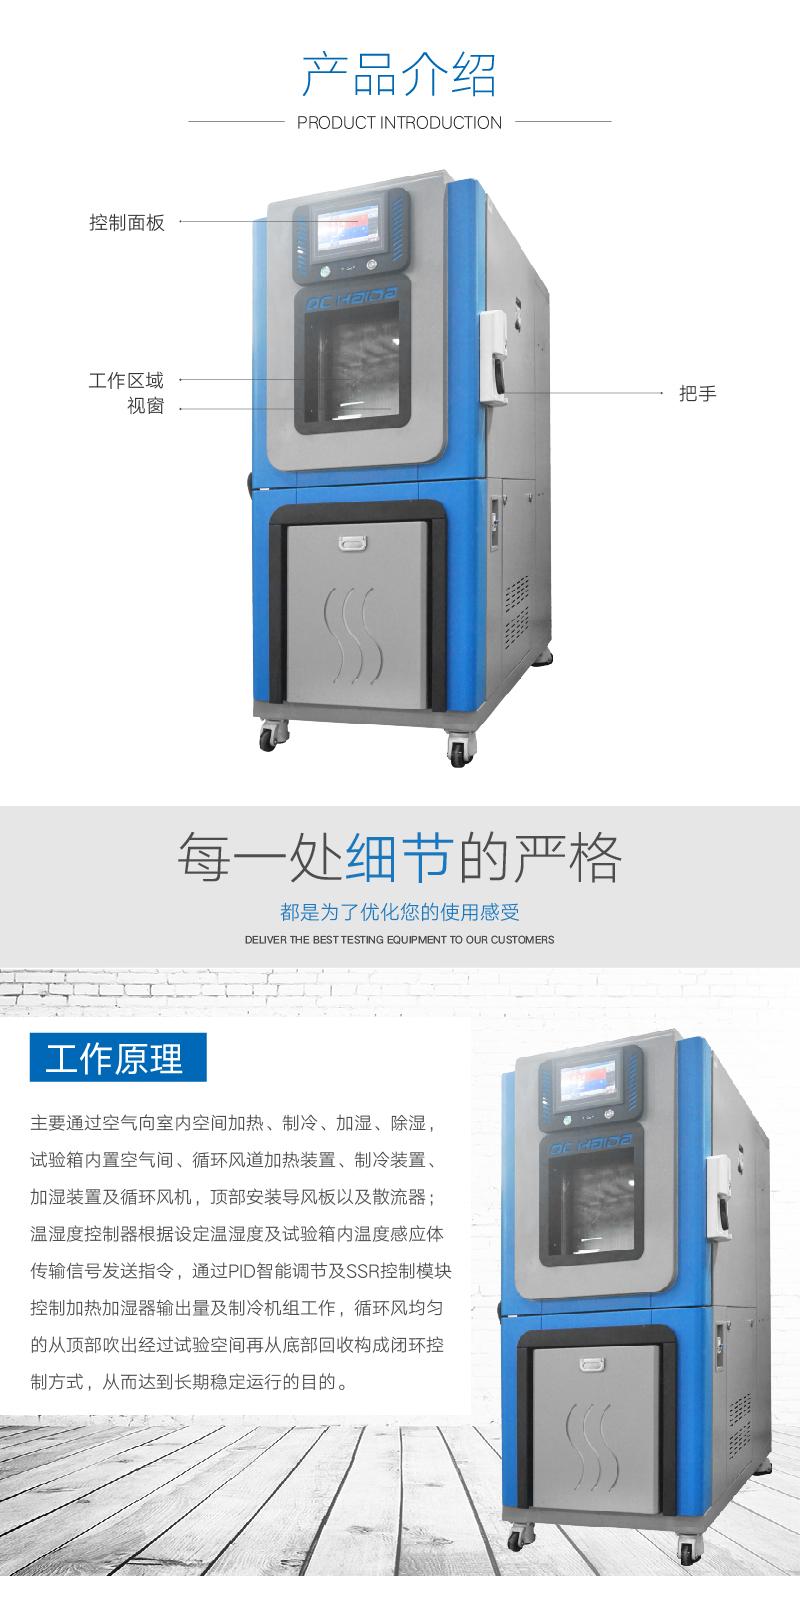 HD-E702新款恒温恒湿试验箱 (2).jpg